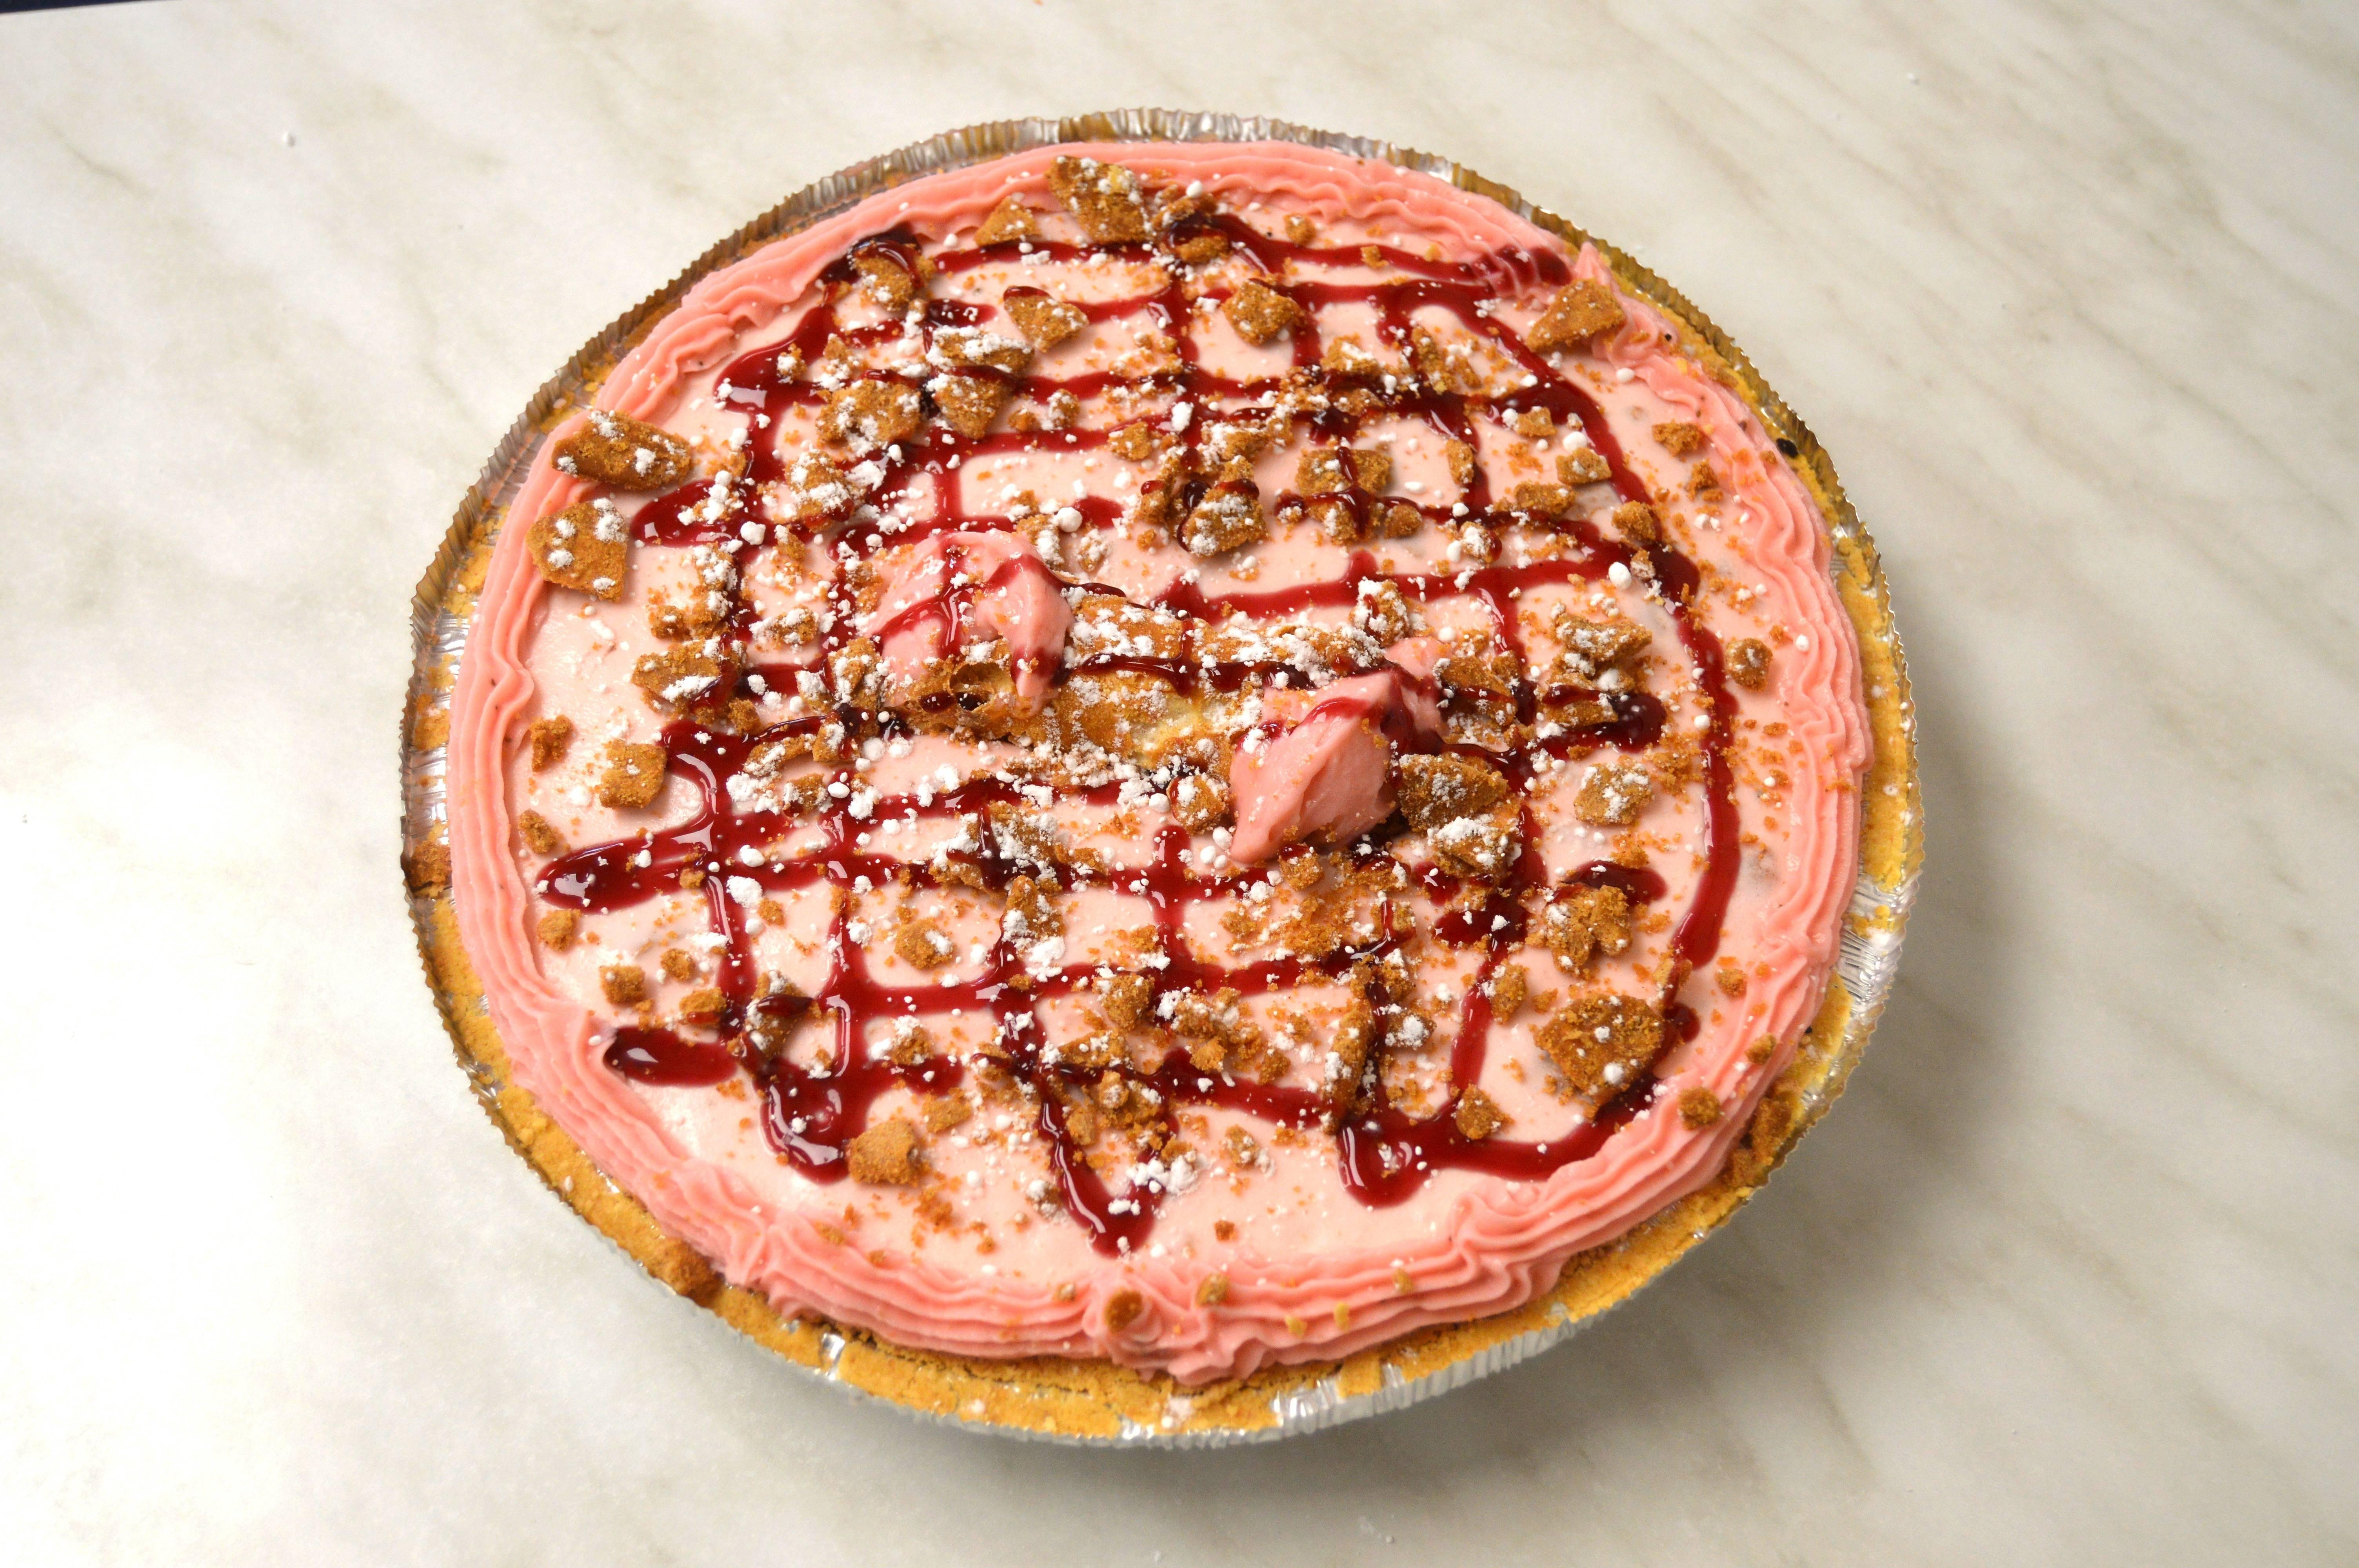 df865f4c91f5470b93a4_Strawberry_Cannoli_Ice_Cream_Pie.JPG